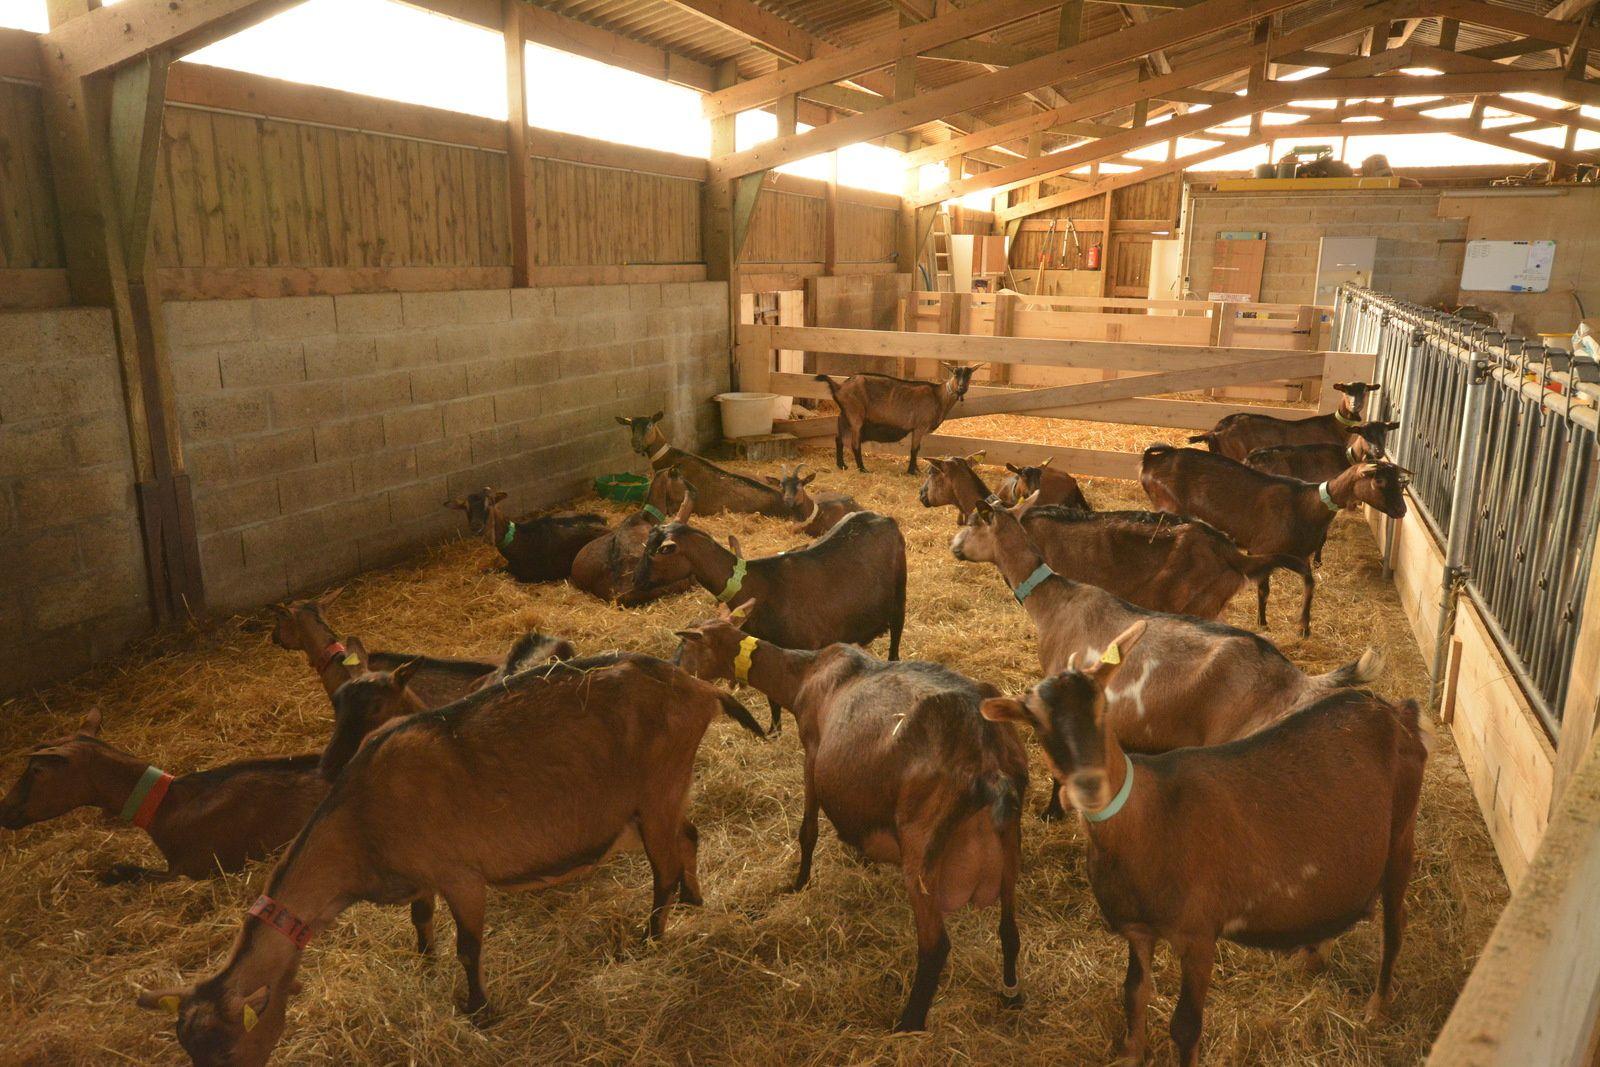 Labo de fromagerie modulaire en kit - Le-Plessier-sur-Bulles 60130